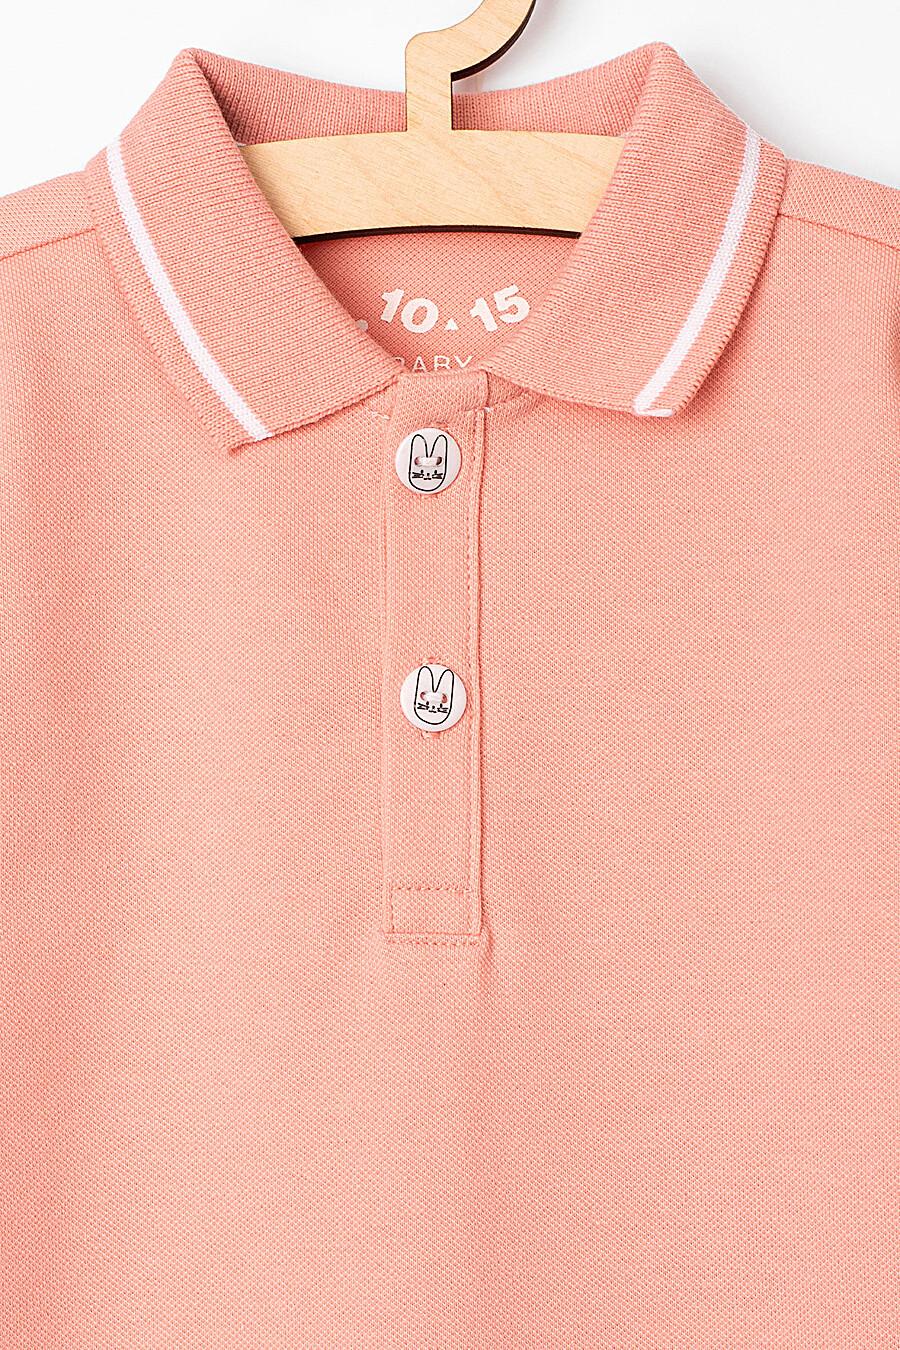 Боди для девочек 5.10.15 218421 купить оптом от производителя. Совместная покупка детской одежды в OptMoyo